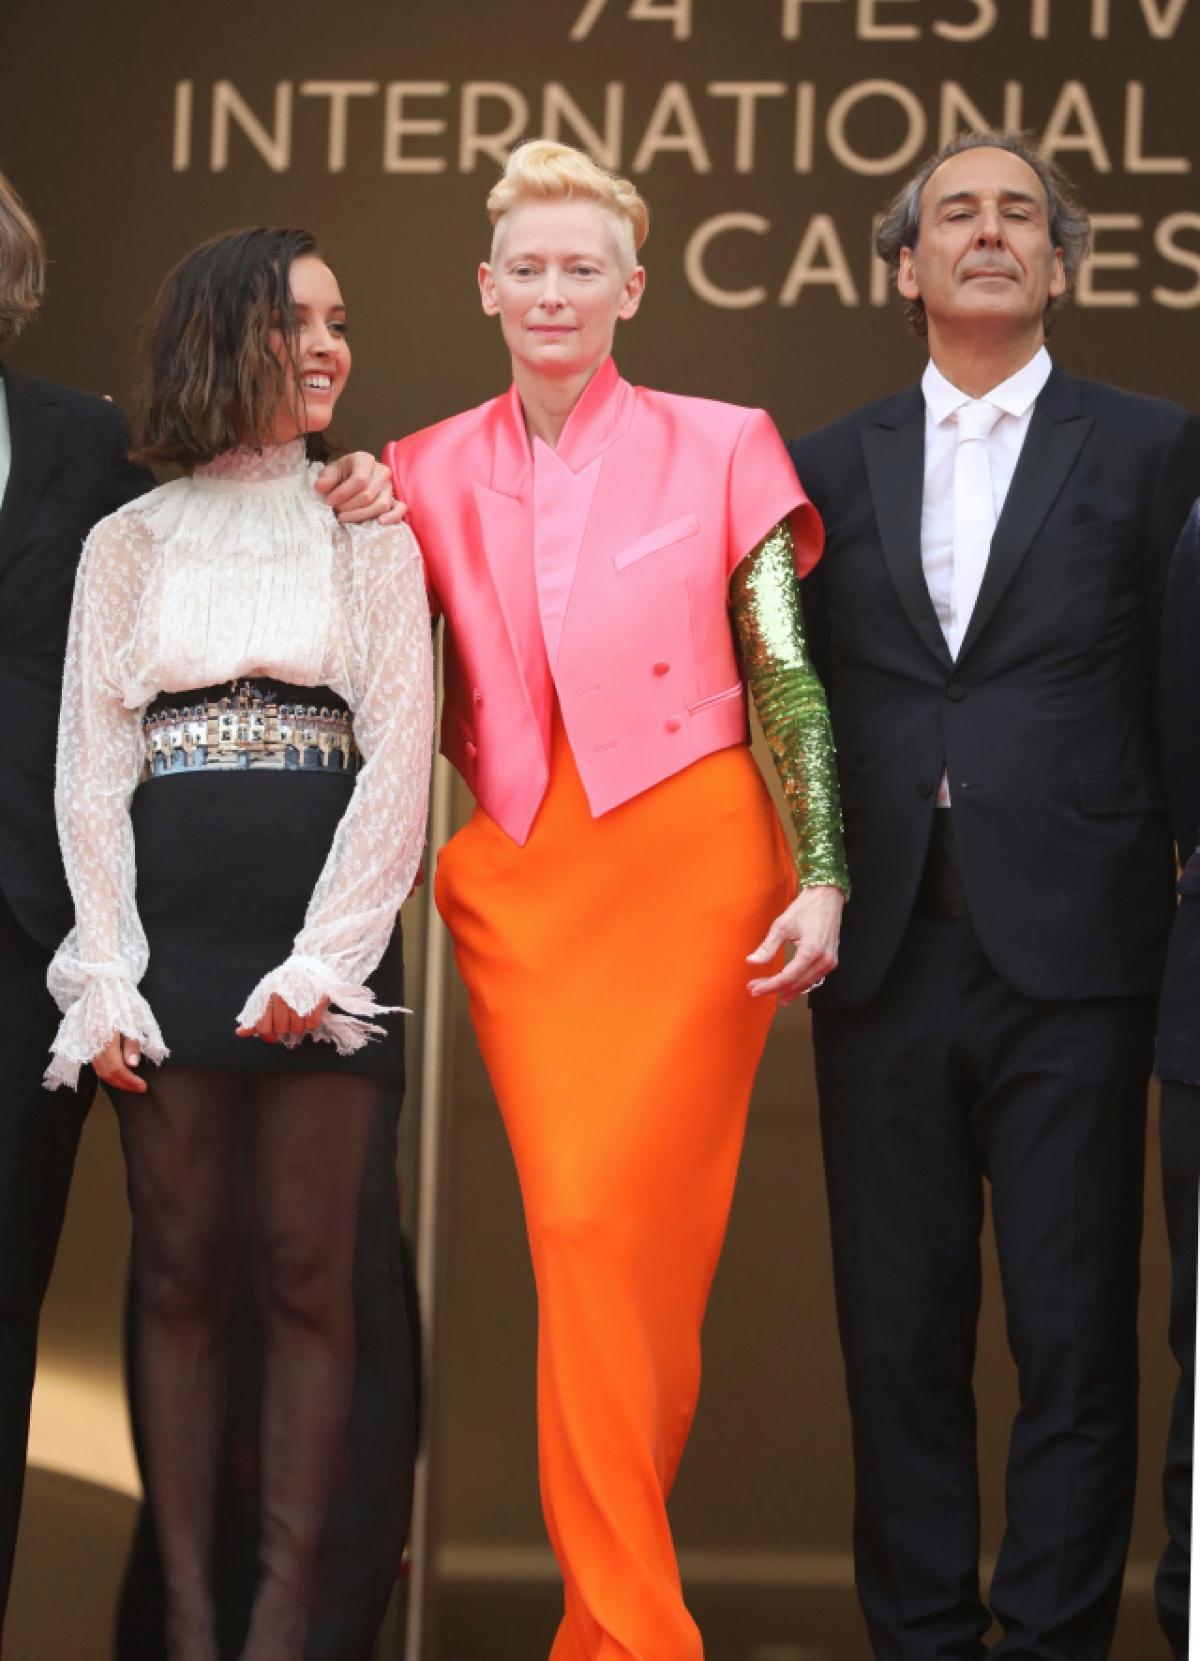 """Minh tinh Tilda Swinton tham dự buổi ra mắt phim """"The French Dispatch"""" vào ngày 12/7 trong một diện mạo bắt mắt của Haider Ackermann. Nữ diễn viên nổi bật với áo blazer màu hồng bolero được cắt cúp và kết hợpvới chân váy màu cam và áo sơ mi dài tay đính sequin màu xanh lá."""